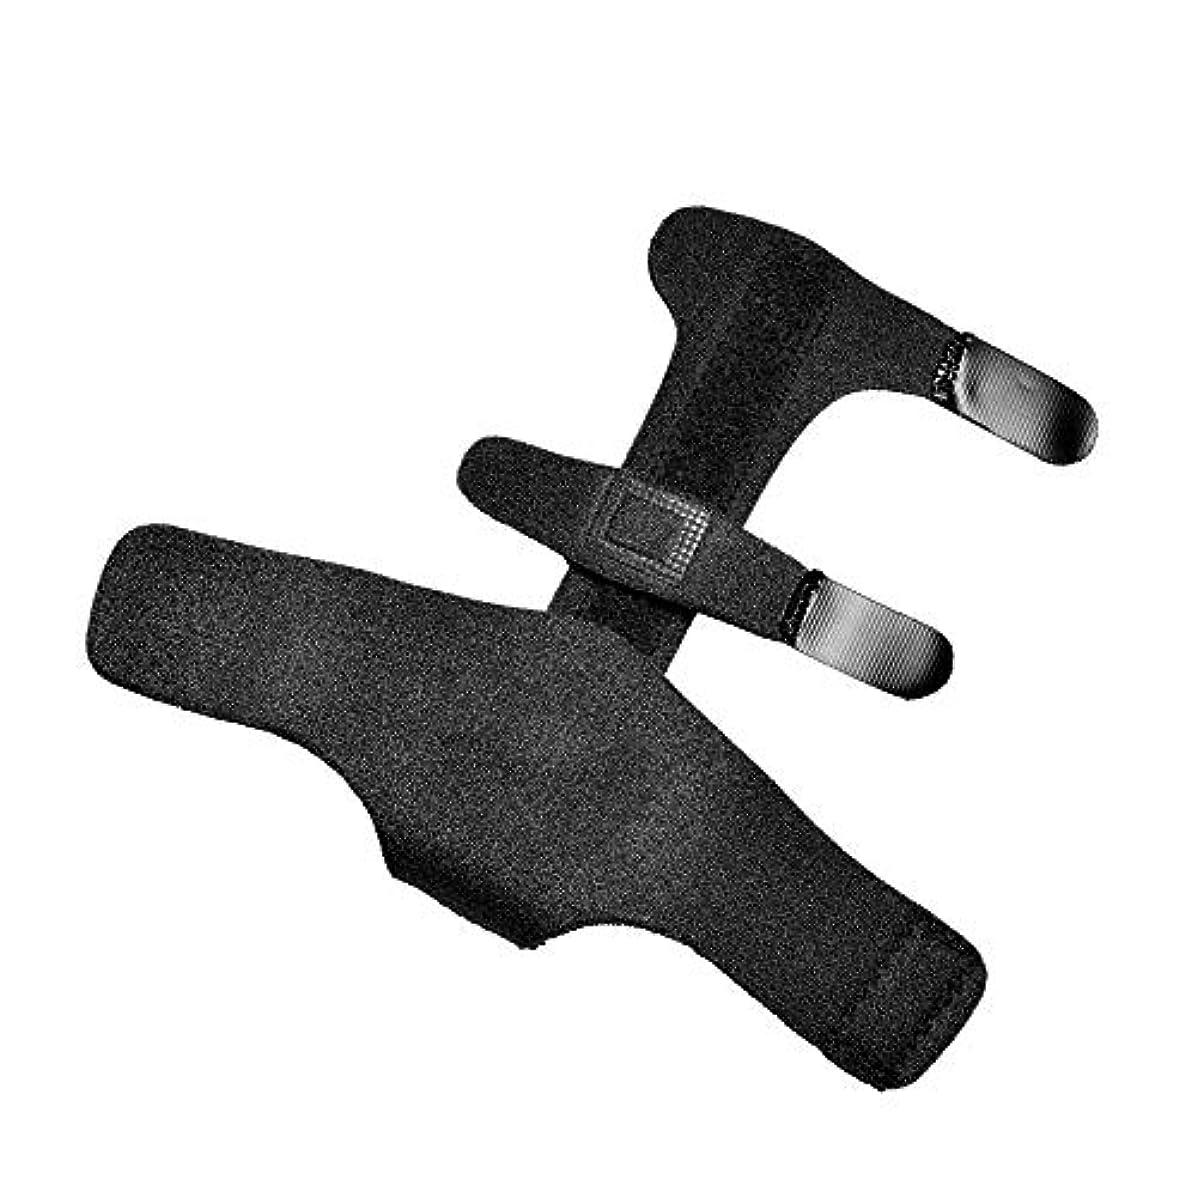 失効咲くソケットZYL-YL 指固定スリーブ指節クリップアルミニウム板指固定補正ベルト手首の指が固定 (色 : 黒, Edition : Left)